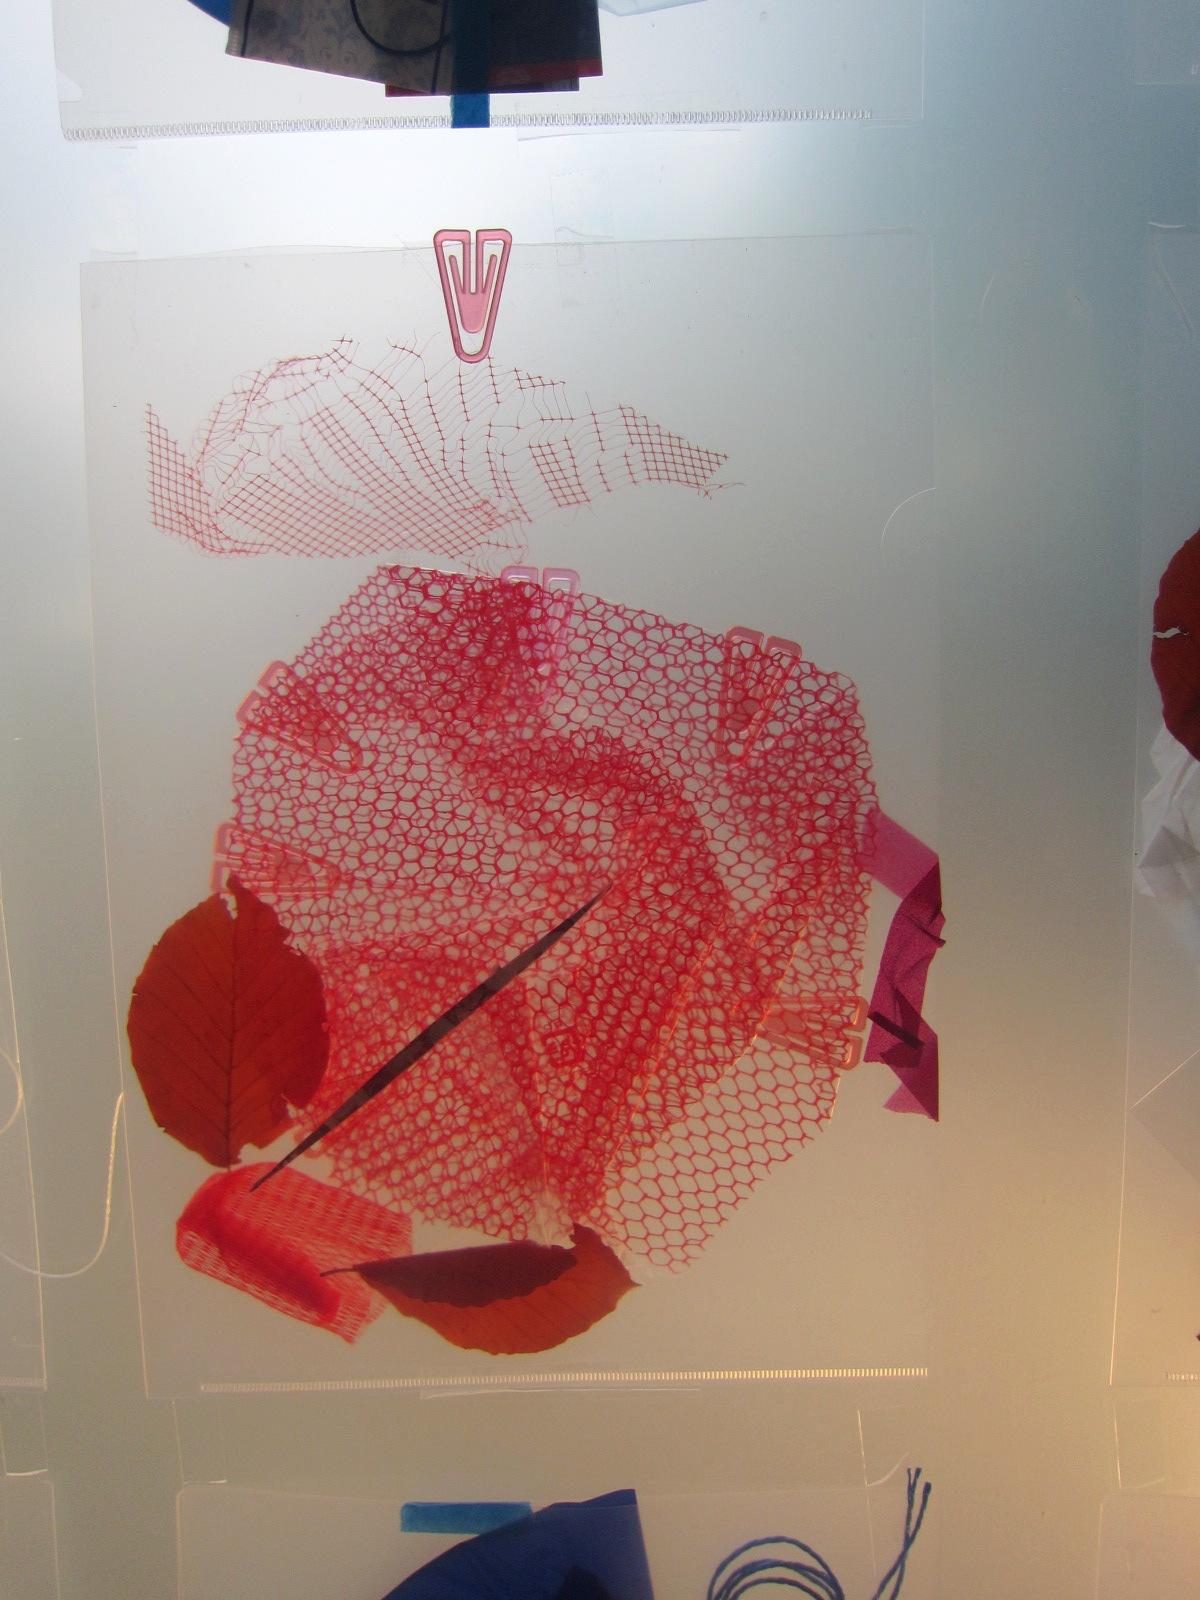 2084) 「瀬川葉子 展 『FILE』」 門馬 5月24日(金)~6月9日(日)_f0126829_2044361.jpg